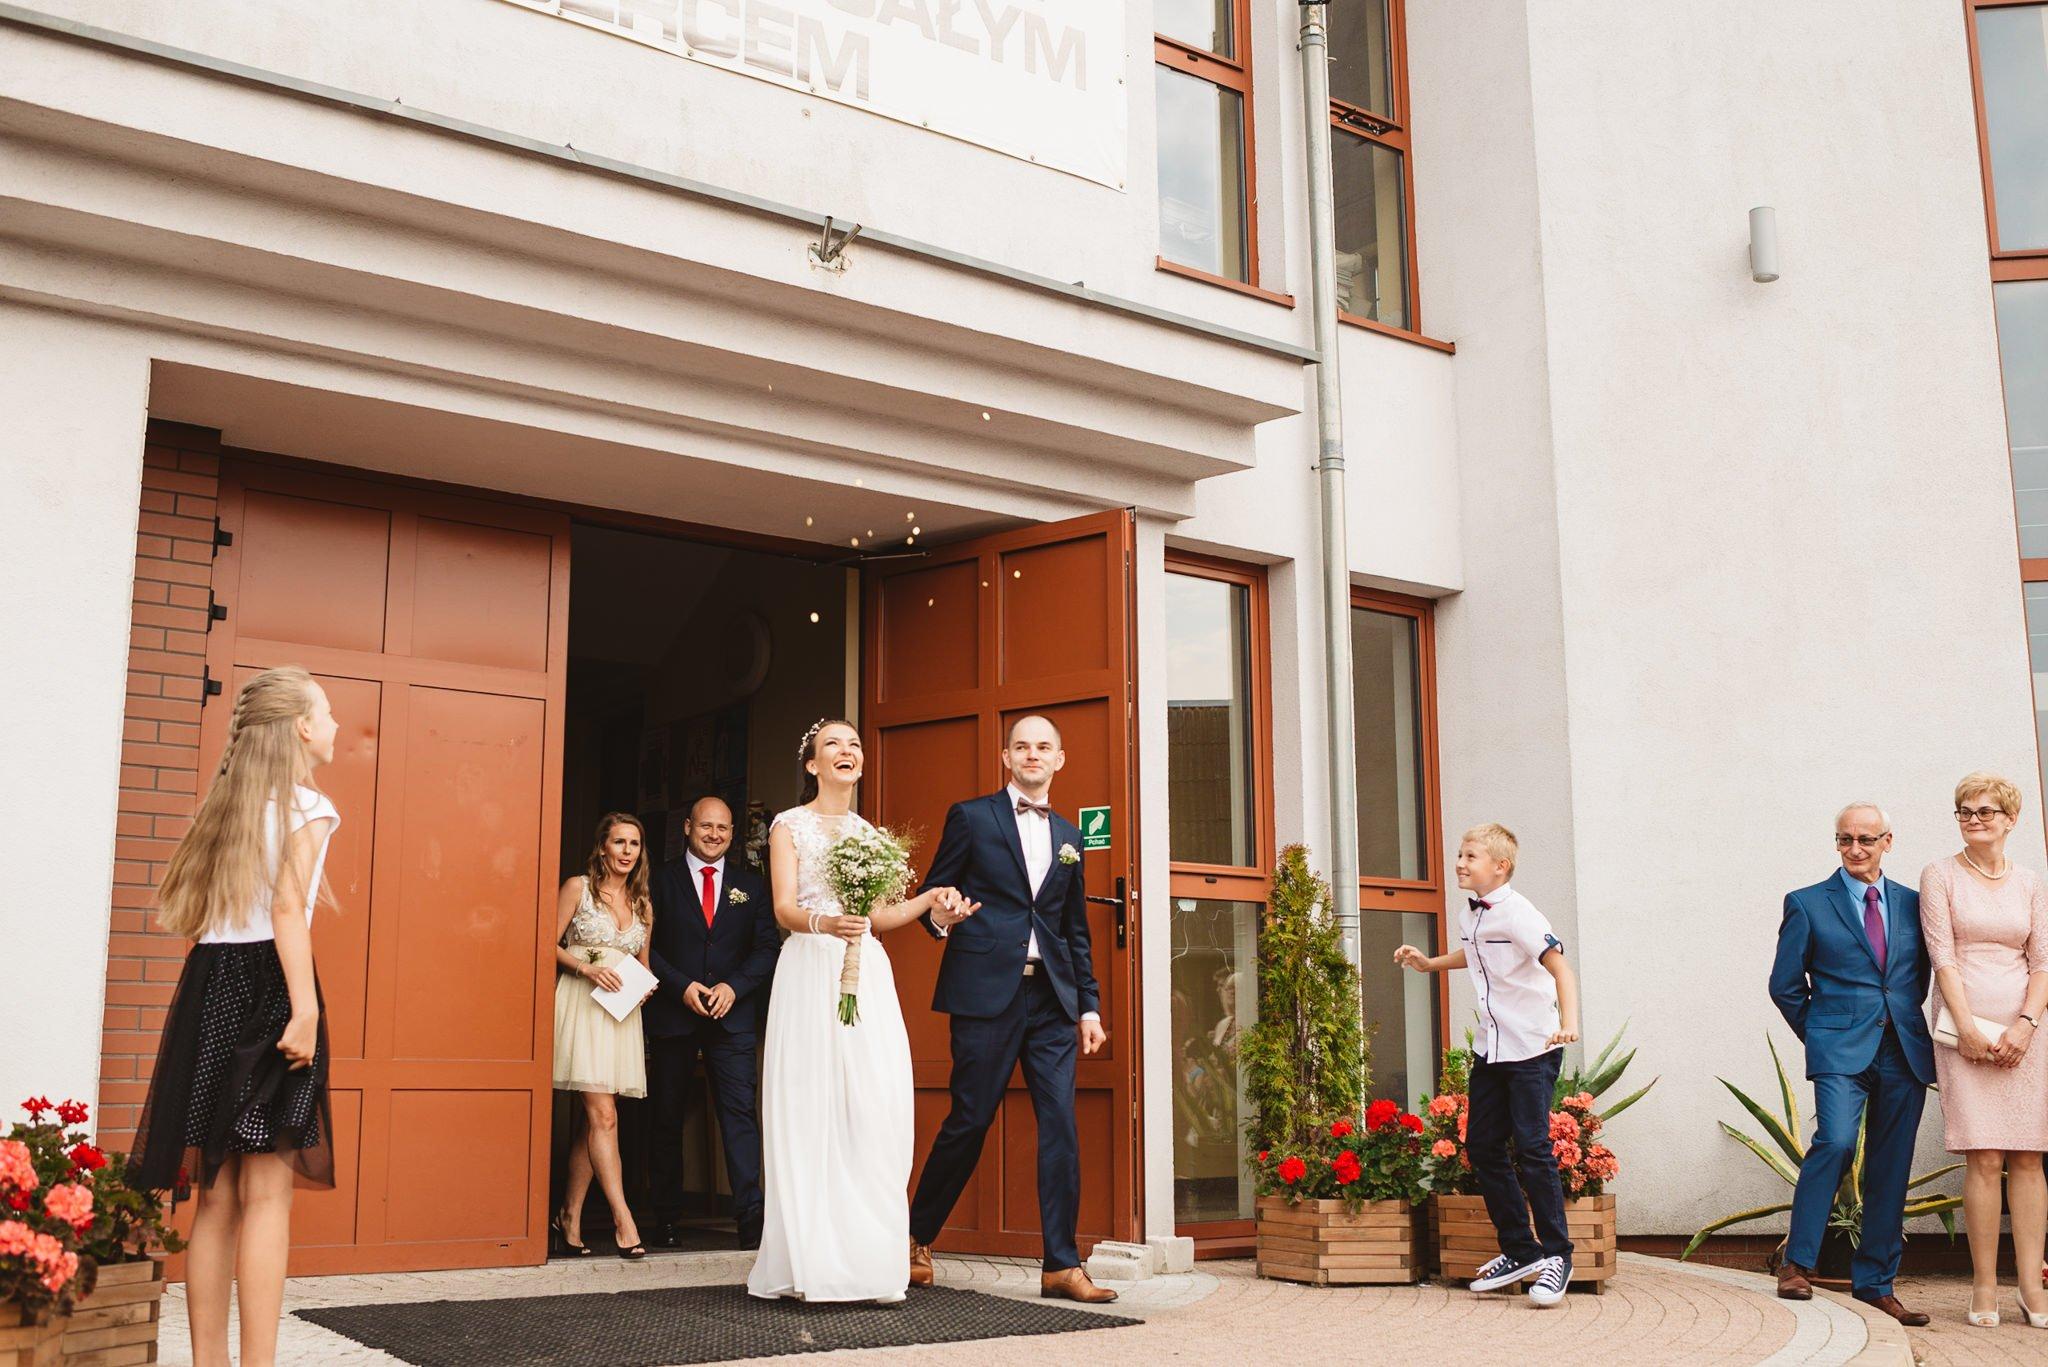 Ala i Arek, czyli jak zorganizować ślub i wesele w 4 tygodnie! 129